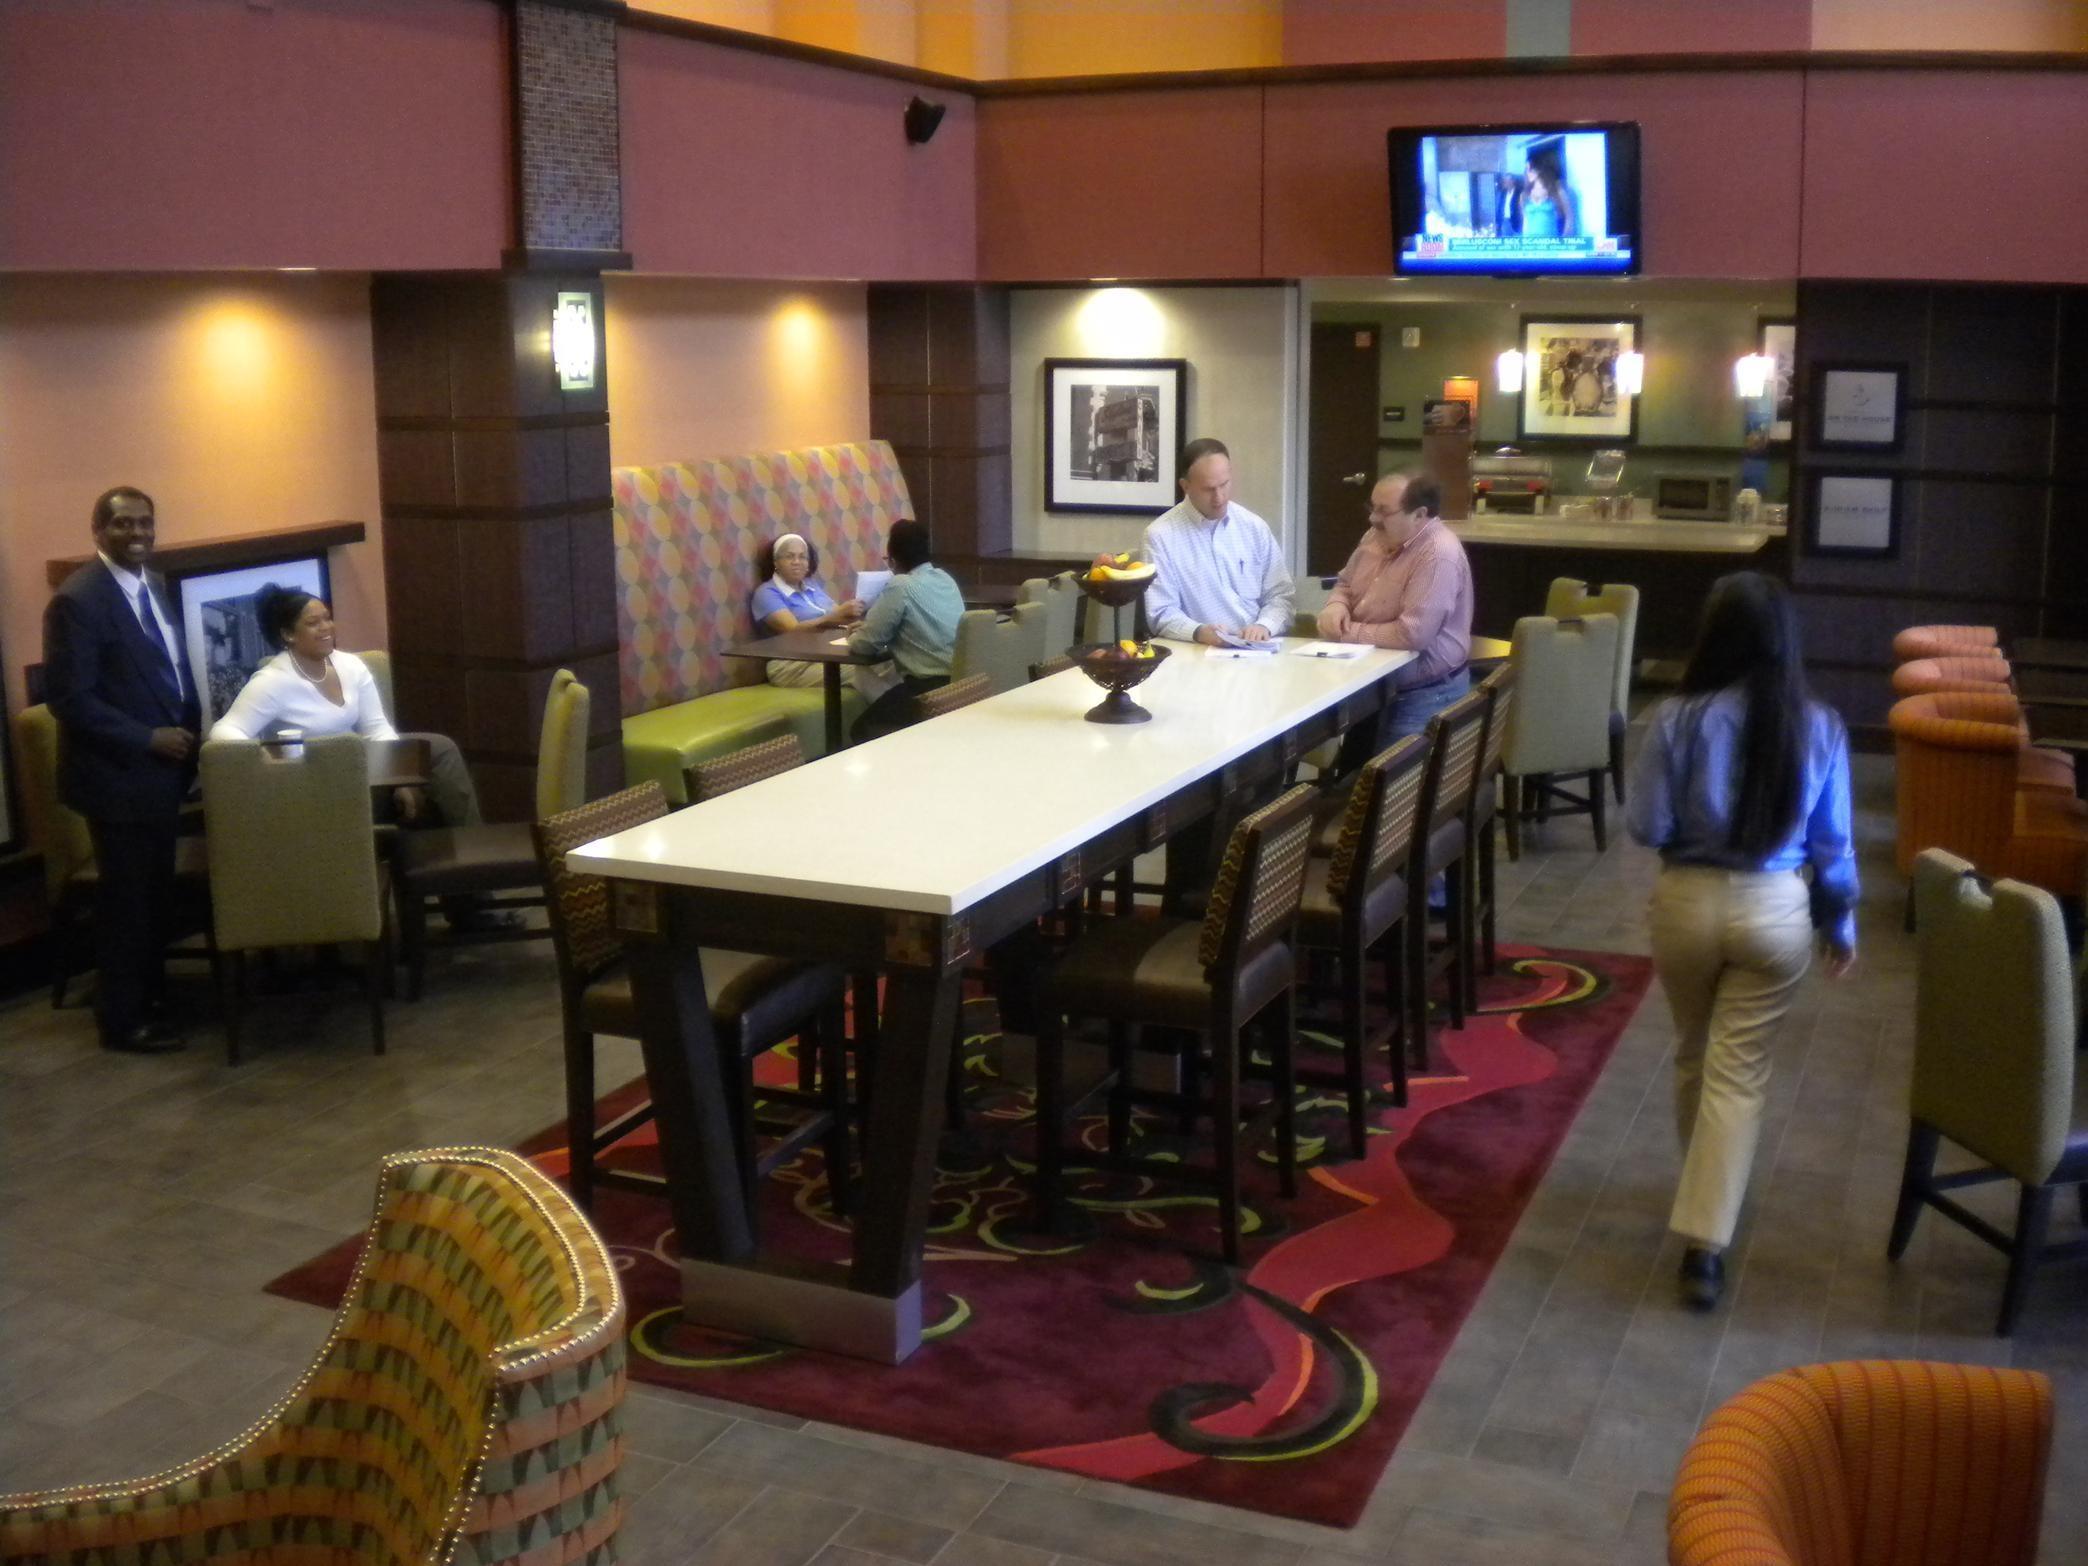 Hampton Inn & Suites Cincinnati/Uptown-University Area image 1